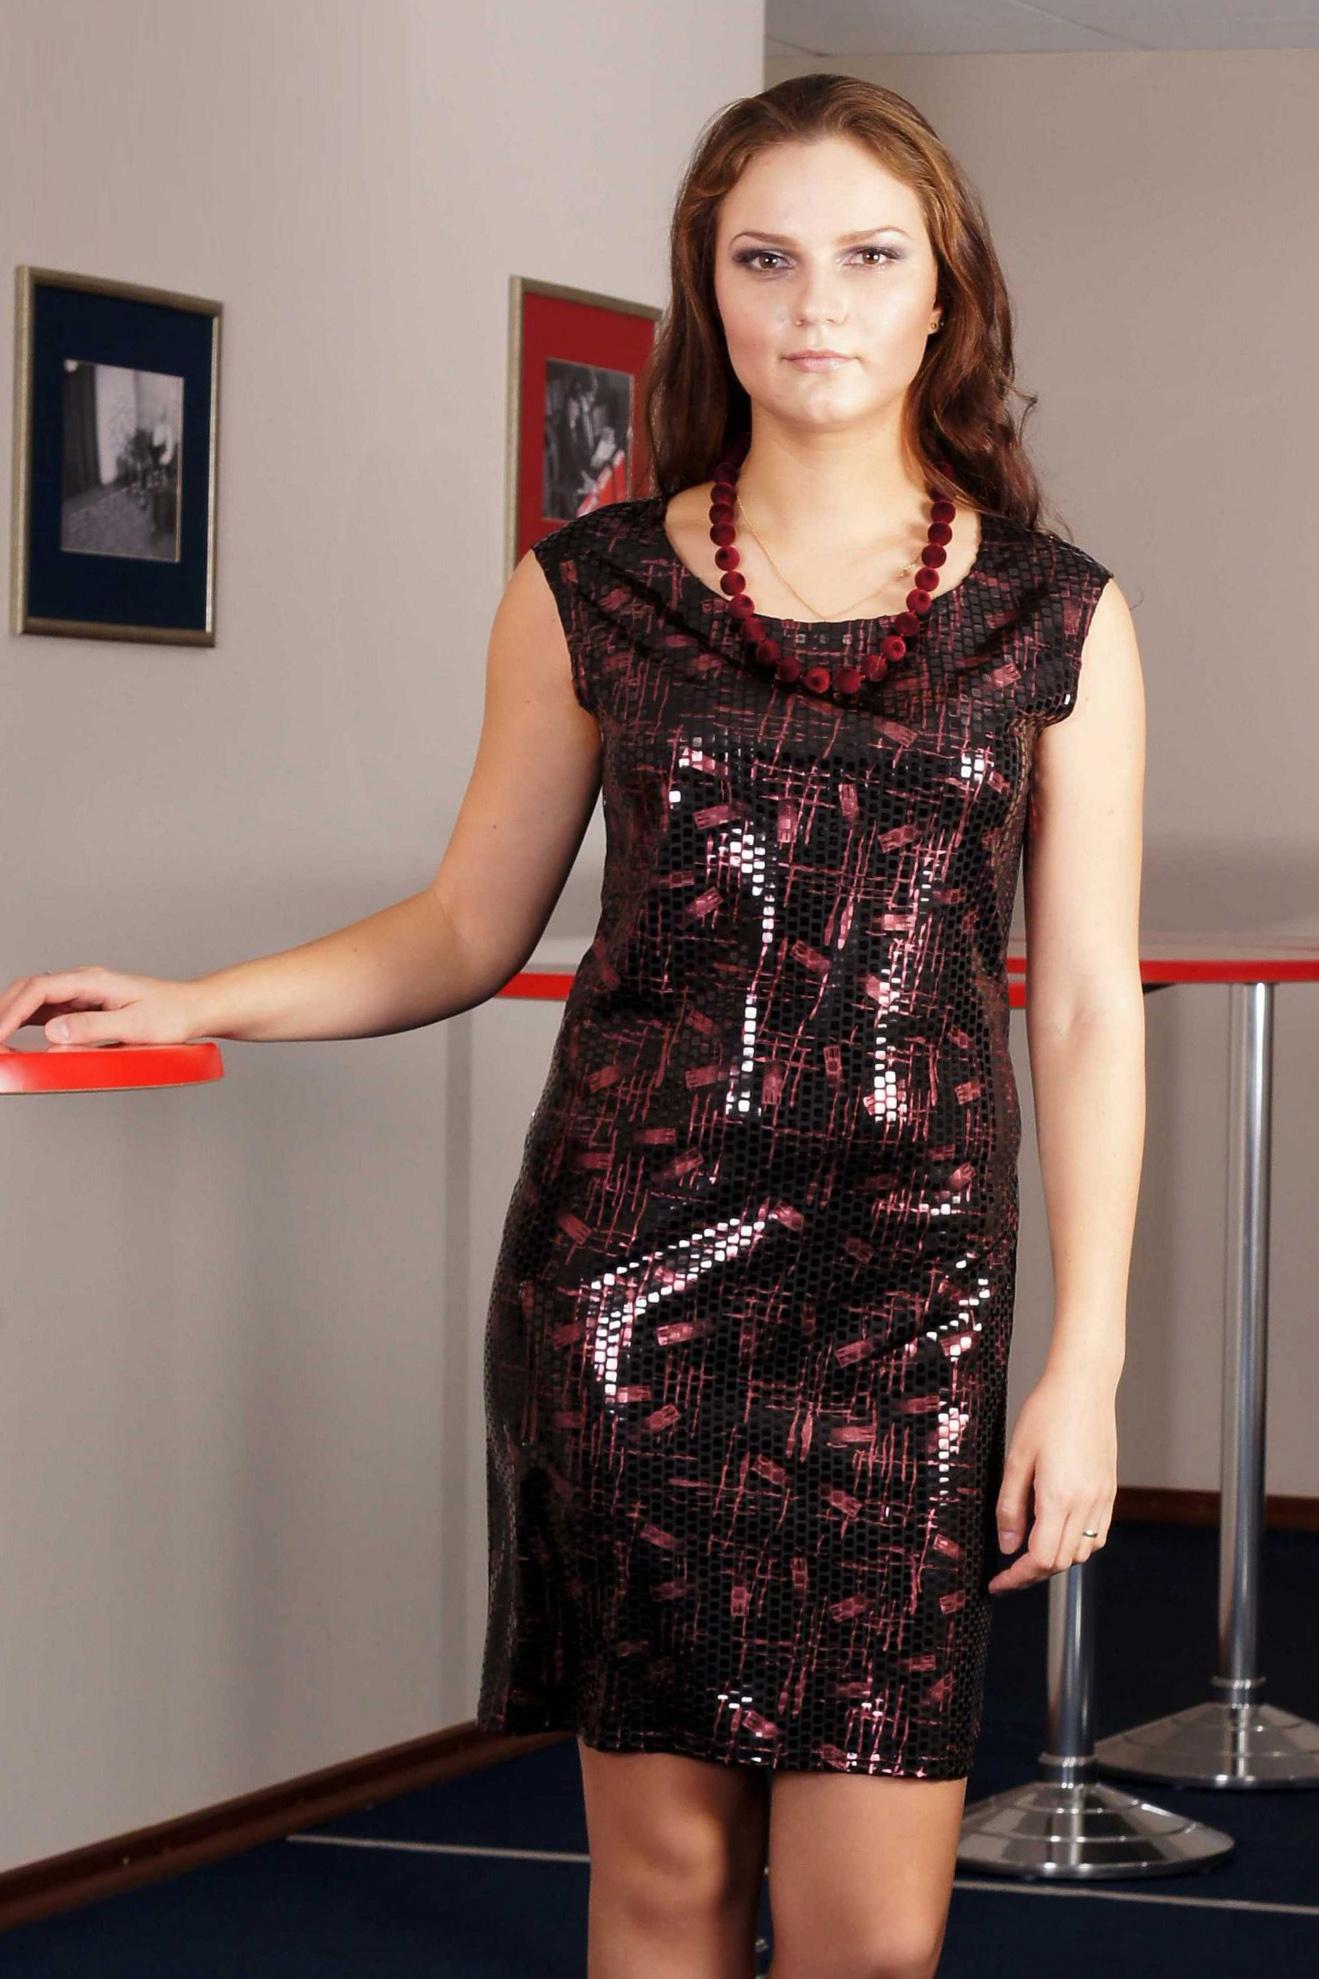 ПлатьеПлатья<br>Это стильное и эффектное платье наверняка станет любимым нарядом для молодых и юных модниц. Его яркая расцветка будет всегда привлекать всеобщее внимание к обладательнице такого платья. А облегающий крой этой модели и ее короткая длина подчеркнет все достоинства женской фигуры, а также стройность и изящность силуэта. Сочетая это платье с крупной бижутерией и обувью на высоком каблуке, каждая девушка будет чувствовать себя настоящей quot;звездойquot; на любой вечеринке или развлекательном мероприятии.  Укороченное платье без рукавов прилегающего силуэта. Платье из фактурного трикотажа, имитирующего покрытие пайетками. Перед с нагрудной вытачкой из бокового шва. Спинка со средним швом. Горловина округлая, расширенная и углубленная.  Длина изделия, см До 50 размера - около 88,0 см; После 50размера – около 93,0 см.  Цвет: черный, розовый<br><br>Горловина: С- горловина<br>По длине: До колена<br>По материалу: Трикотаж<br>По рисунку: С принтом,Цветные<br>По сезону: Весна,Зима,Лето,Осень,Всесезон<br>По силуэту: Полуприталенные<br>По стилю: Нарядный стиль<br>По форме: Платье - футляр<br>Рукав: Без рукавов<br>Размер : 46,48,50,52,54<br>Материал: Трикотаж<br>Количество в наличии: 6